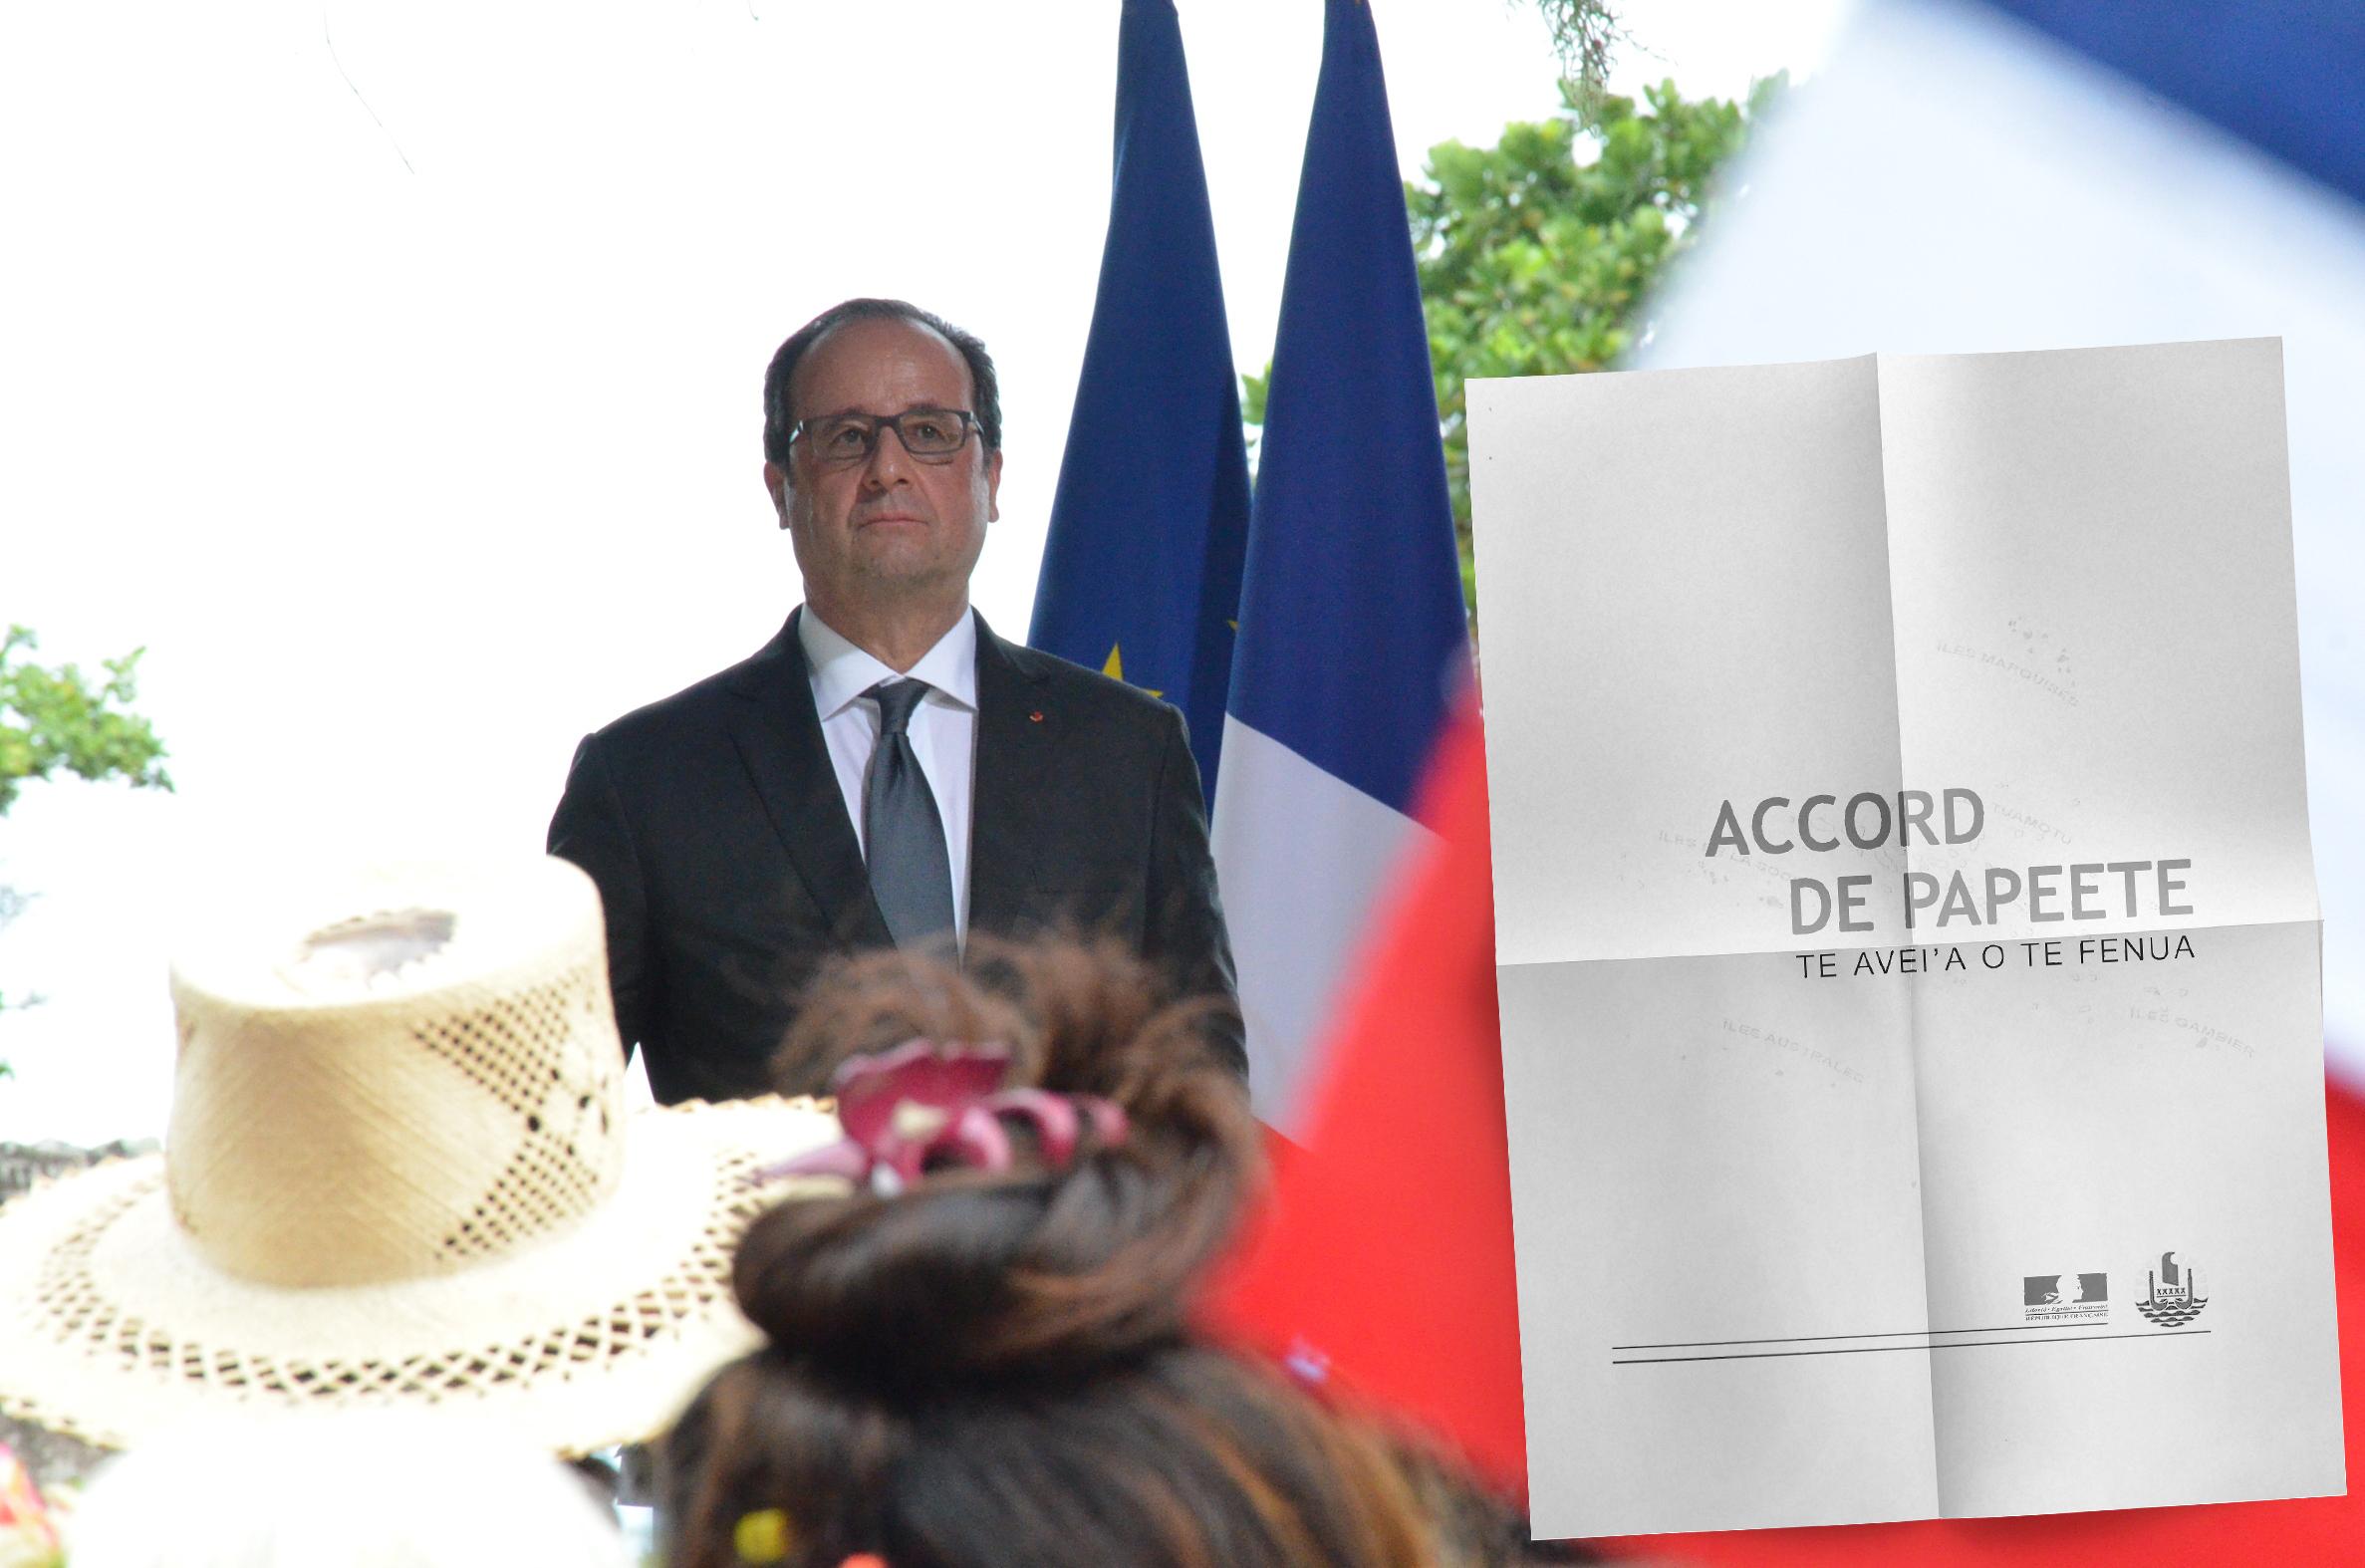 François Hollande durant sa visite officielle en Polynésie française, en février 2016. C'est lors de ce séjour que le président de la République avait évoqué le principe d'un accord de Papeete, pour le développement de la Polynésie française dans la République.